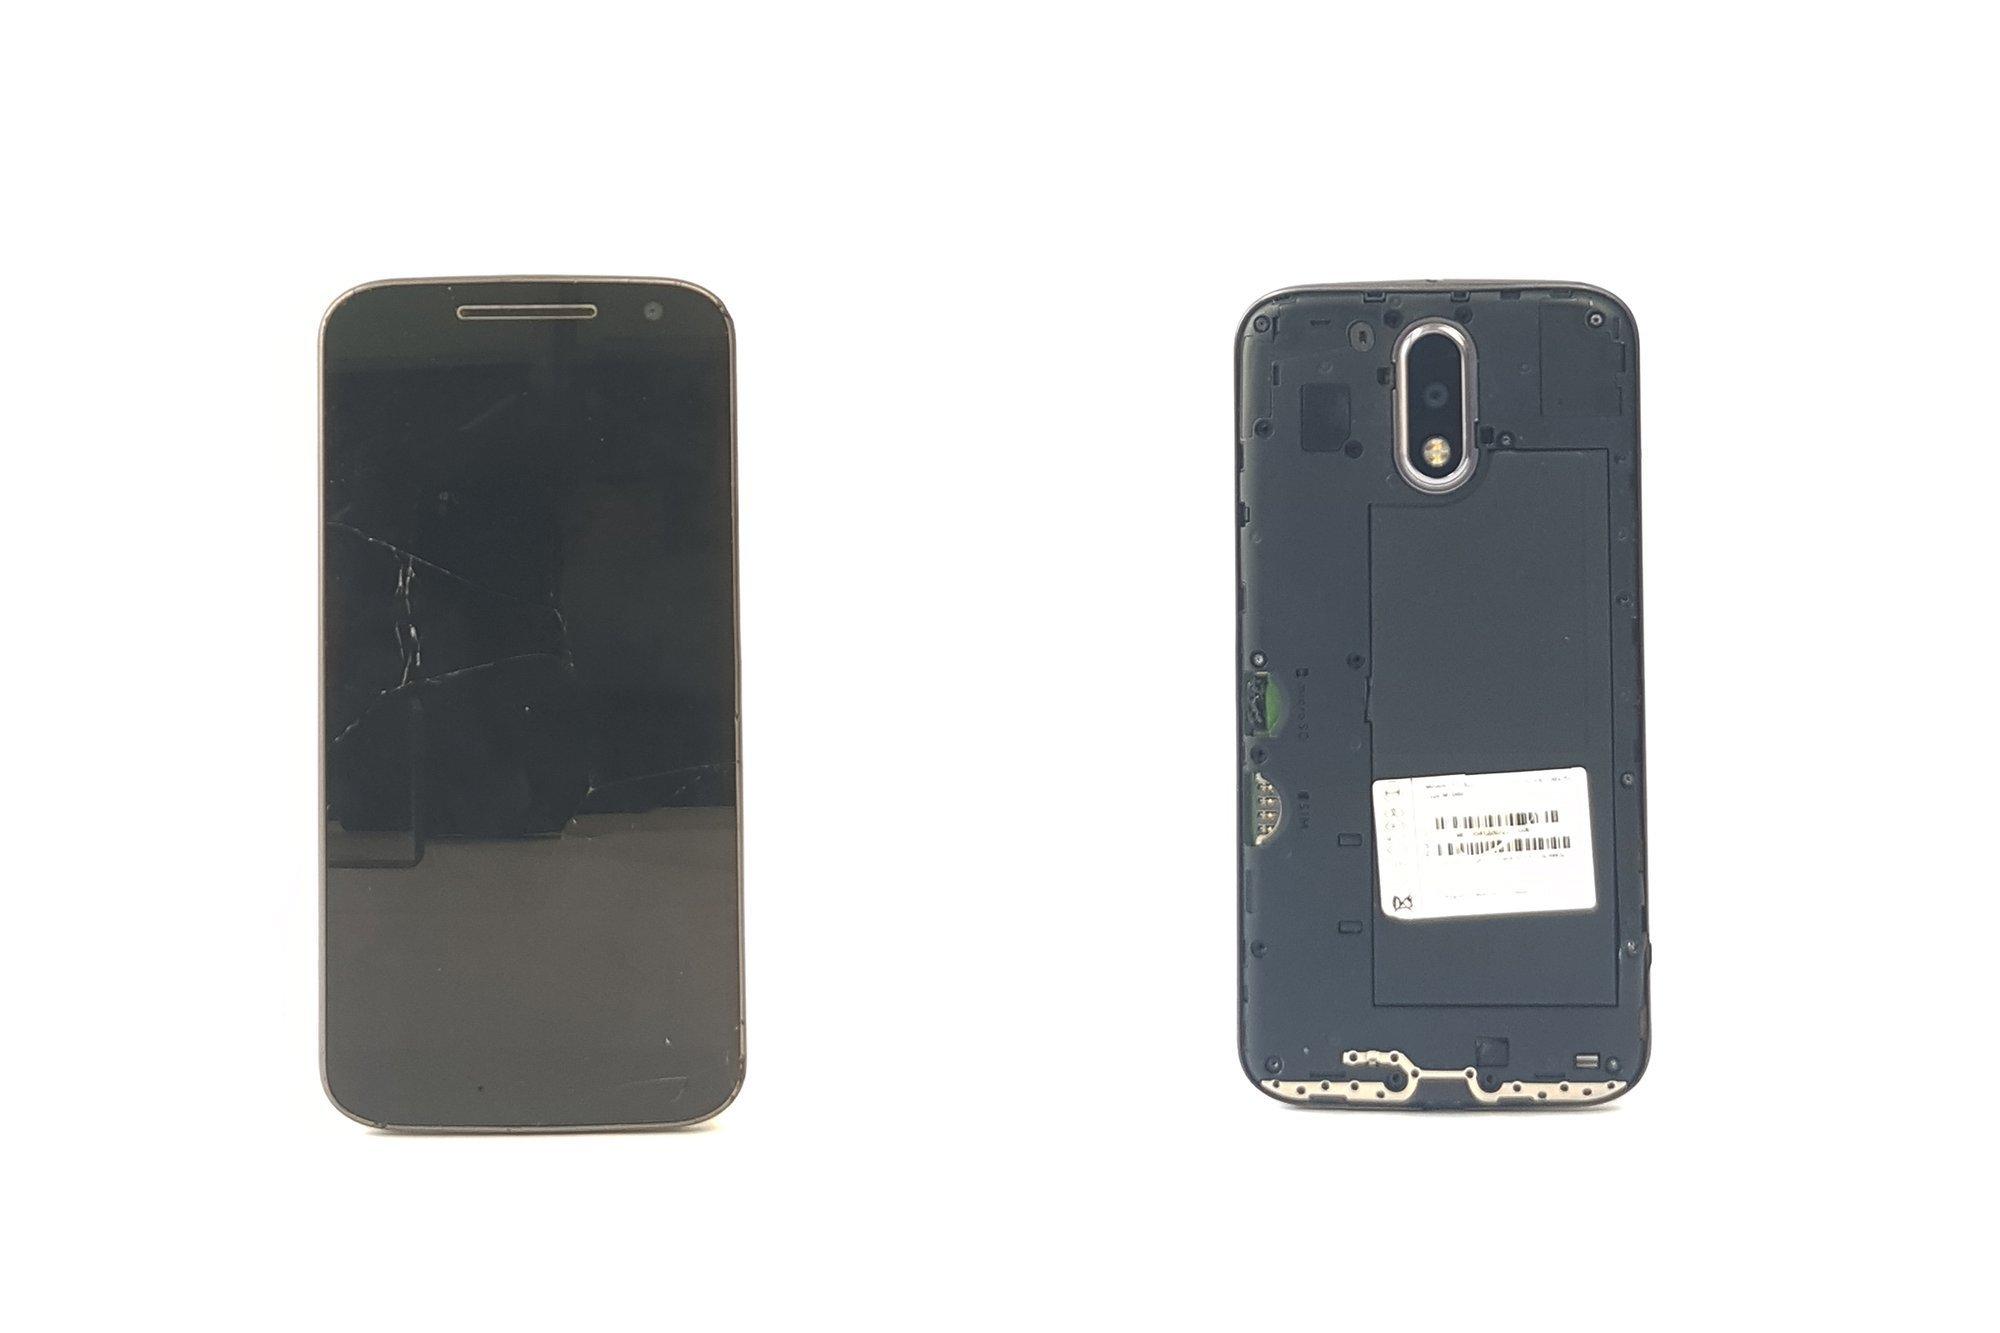 Lenovo Motorola Moto G4 16GB Black XT1622 Damaged